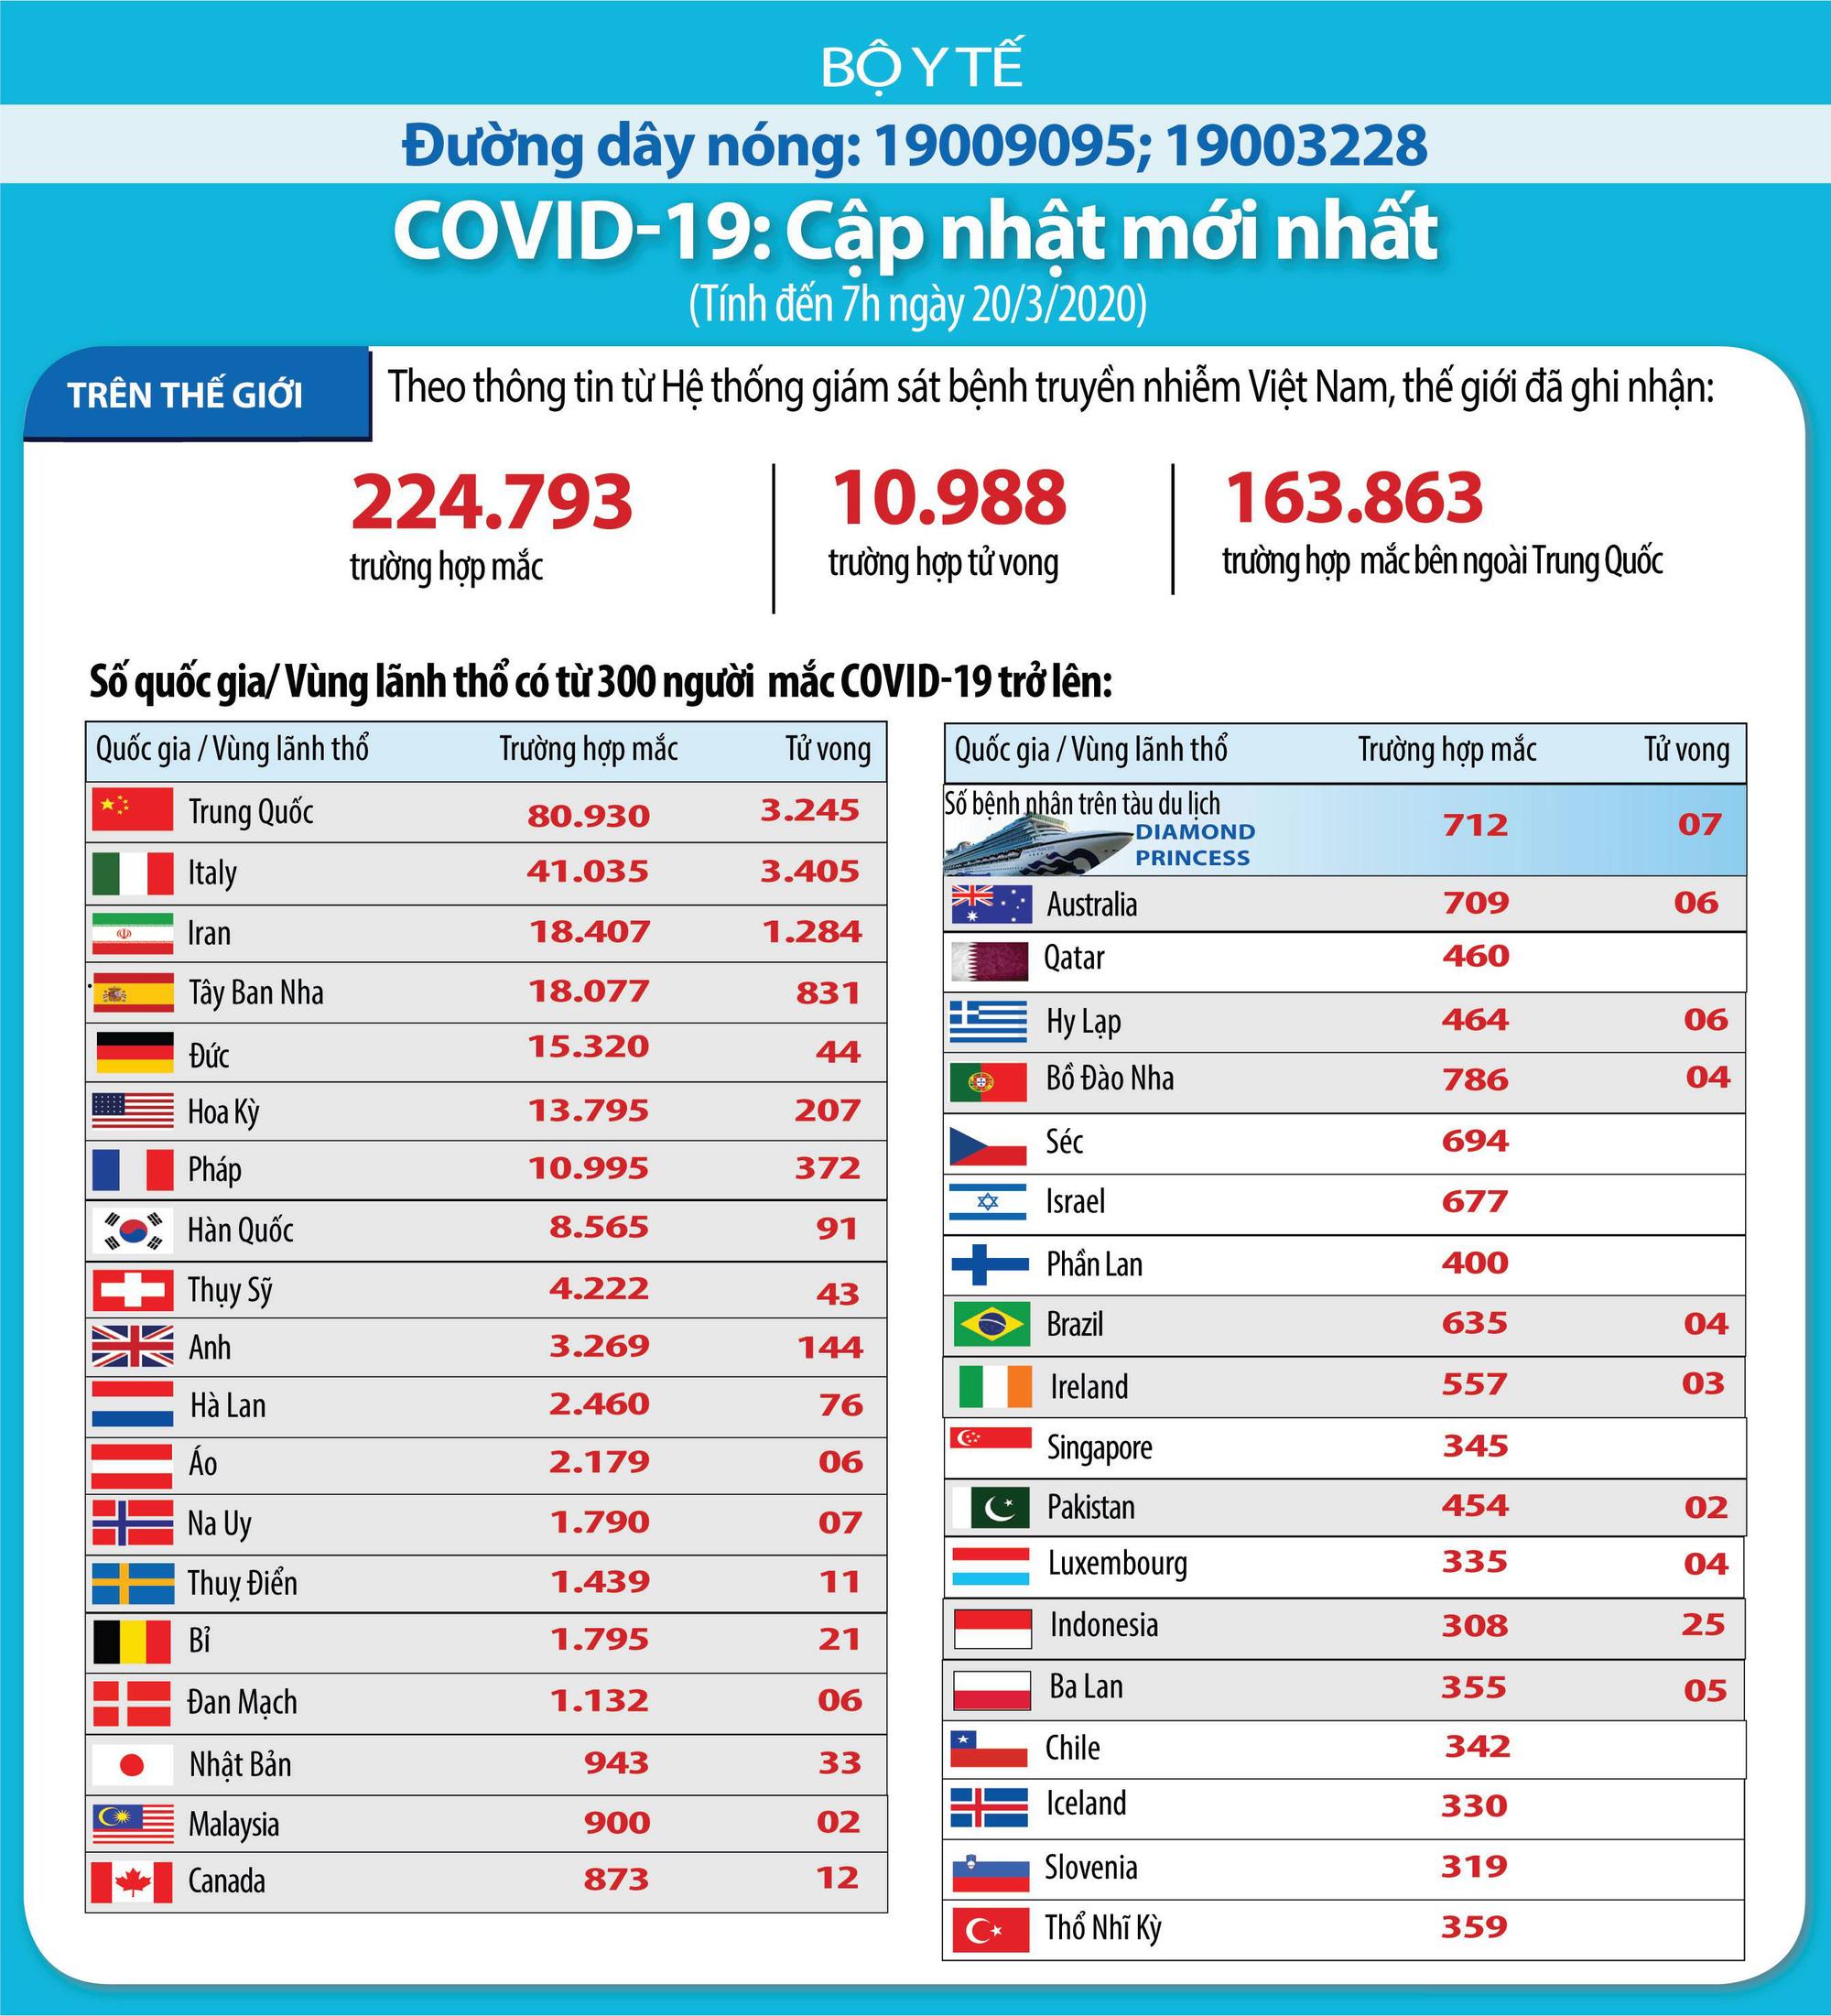 Cập nhật tình hình dịch virus corona ở ASEAN và châu Á ngày 19/3: Malaysia tìm kiếm 2.000 người liên quan đến Covid-19, Nhật Bản đón nhận ngọn lửa Olympic để tổ chức Thế vận hội - Ảnh 6.